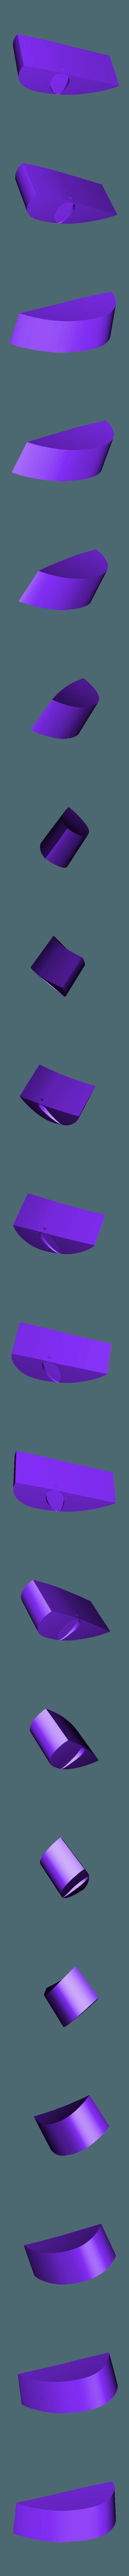 eye right.stl Télécharger fichier STL gratuit Gigantamax Gengar dans un marais (Pokemon) キョダイマックス ゲンガー MMU Pièces multicolores • Design pour imprimante 3D, Jangie